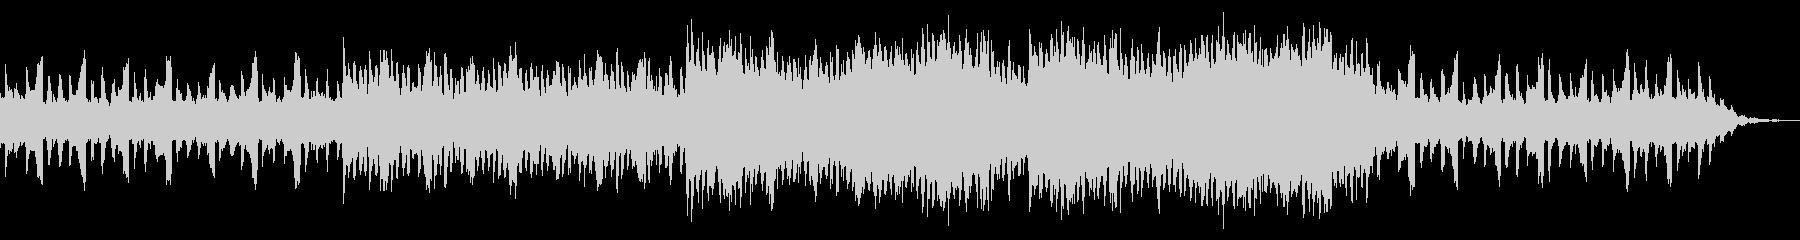 キラキラきれいなピアノコーポレートbの未再生の波形